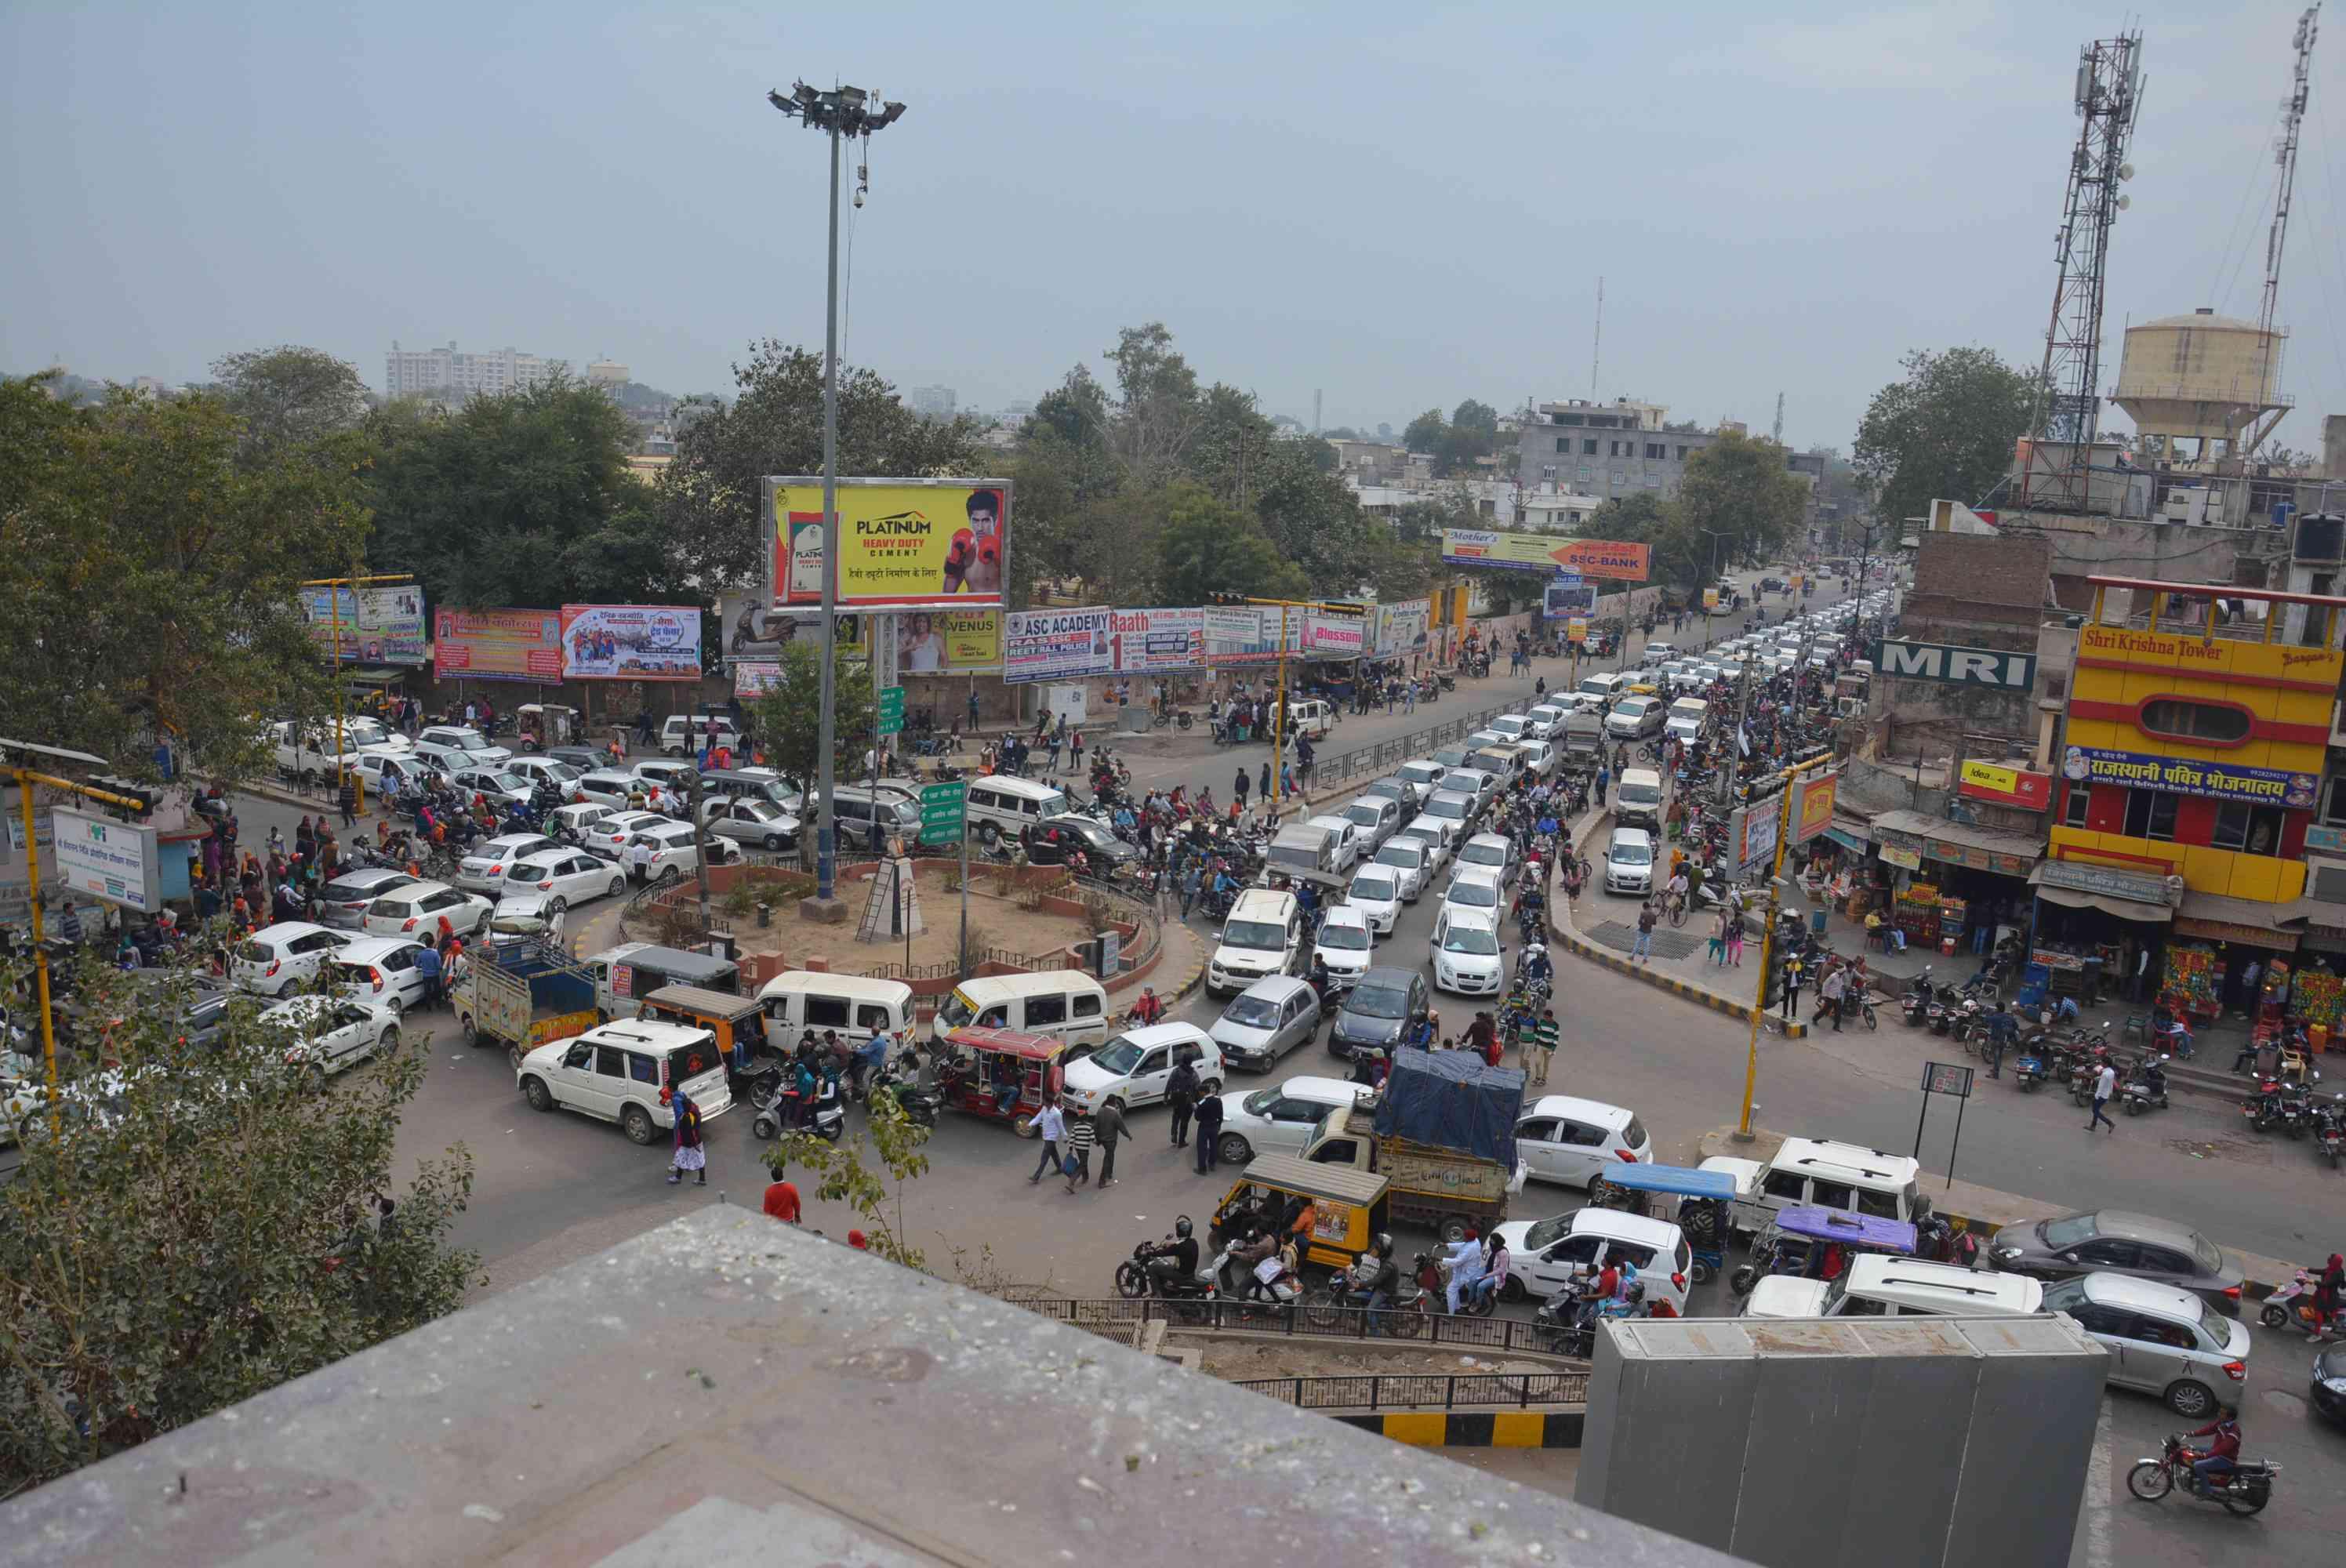 photos of traffic jam in alwar due to REET exam